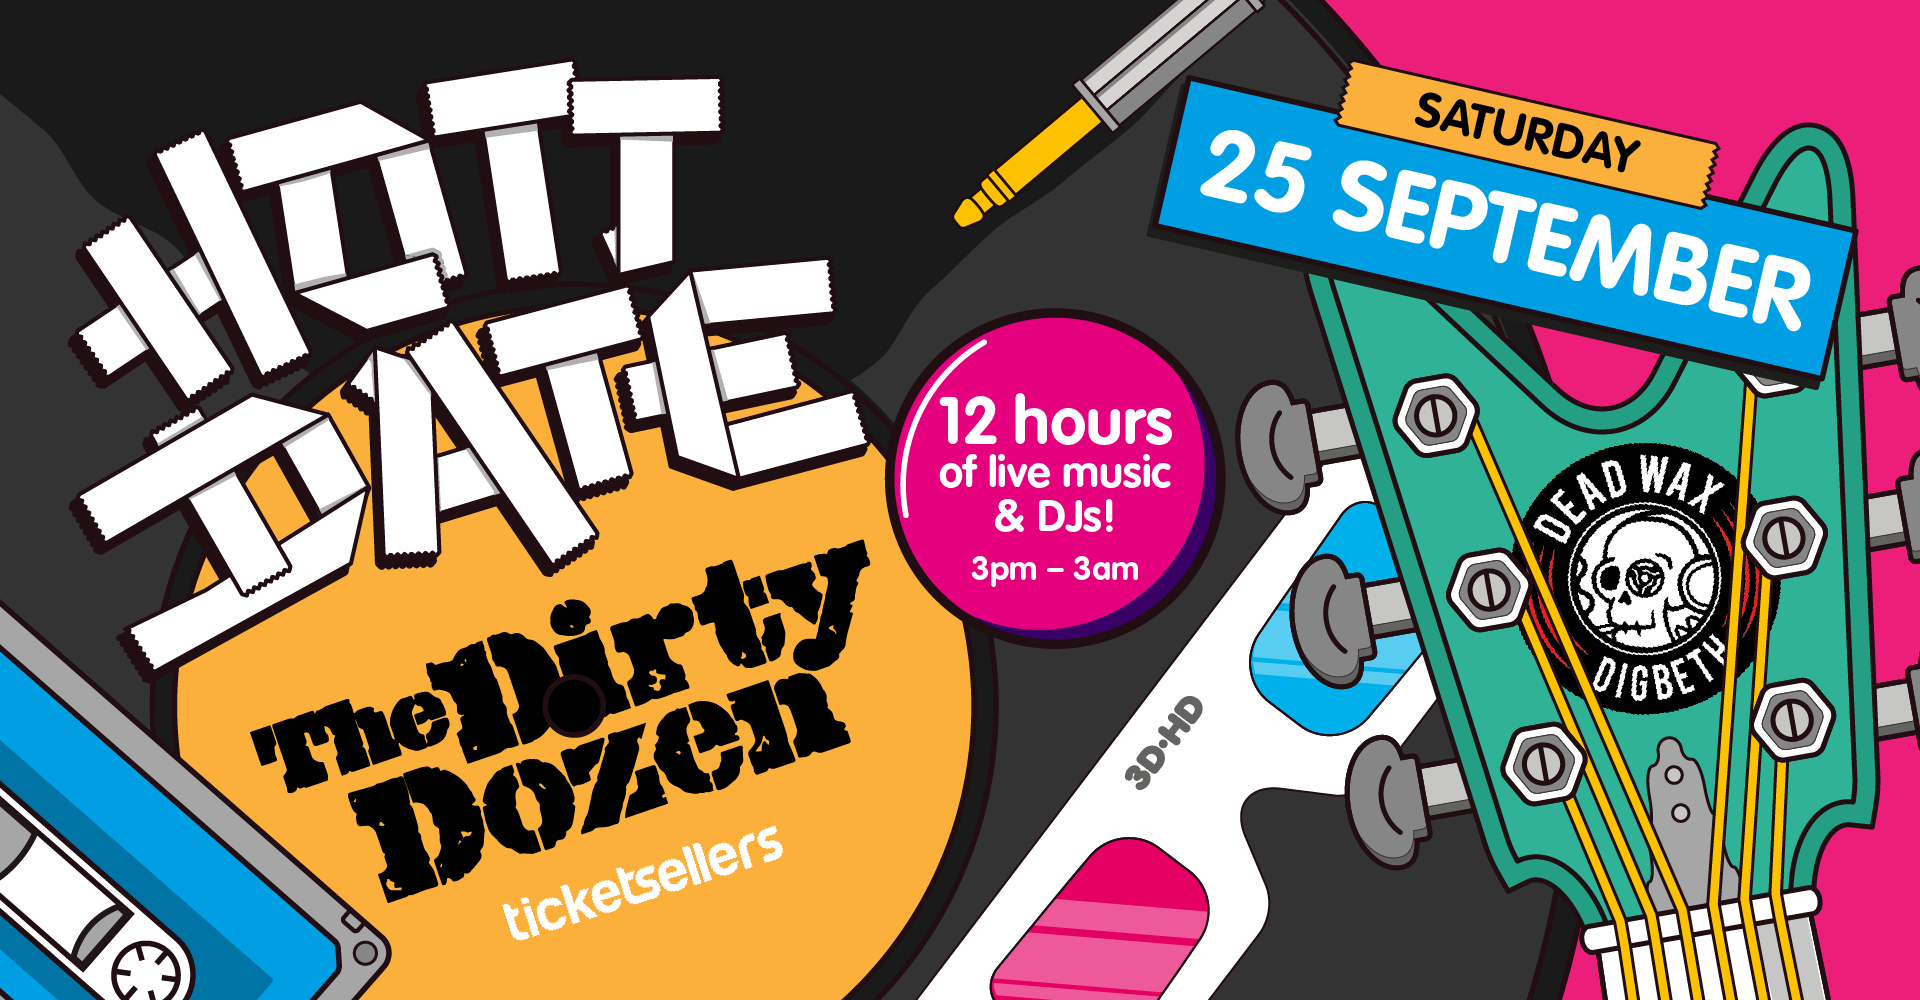 Hott Date (25 September) FB Event V11629